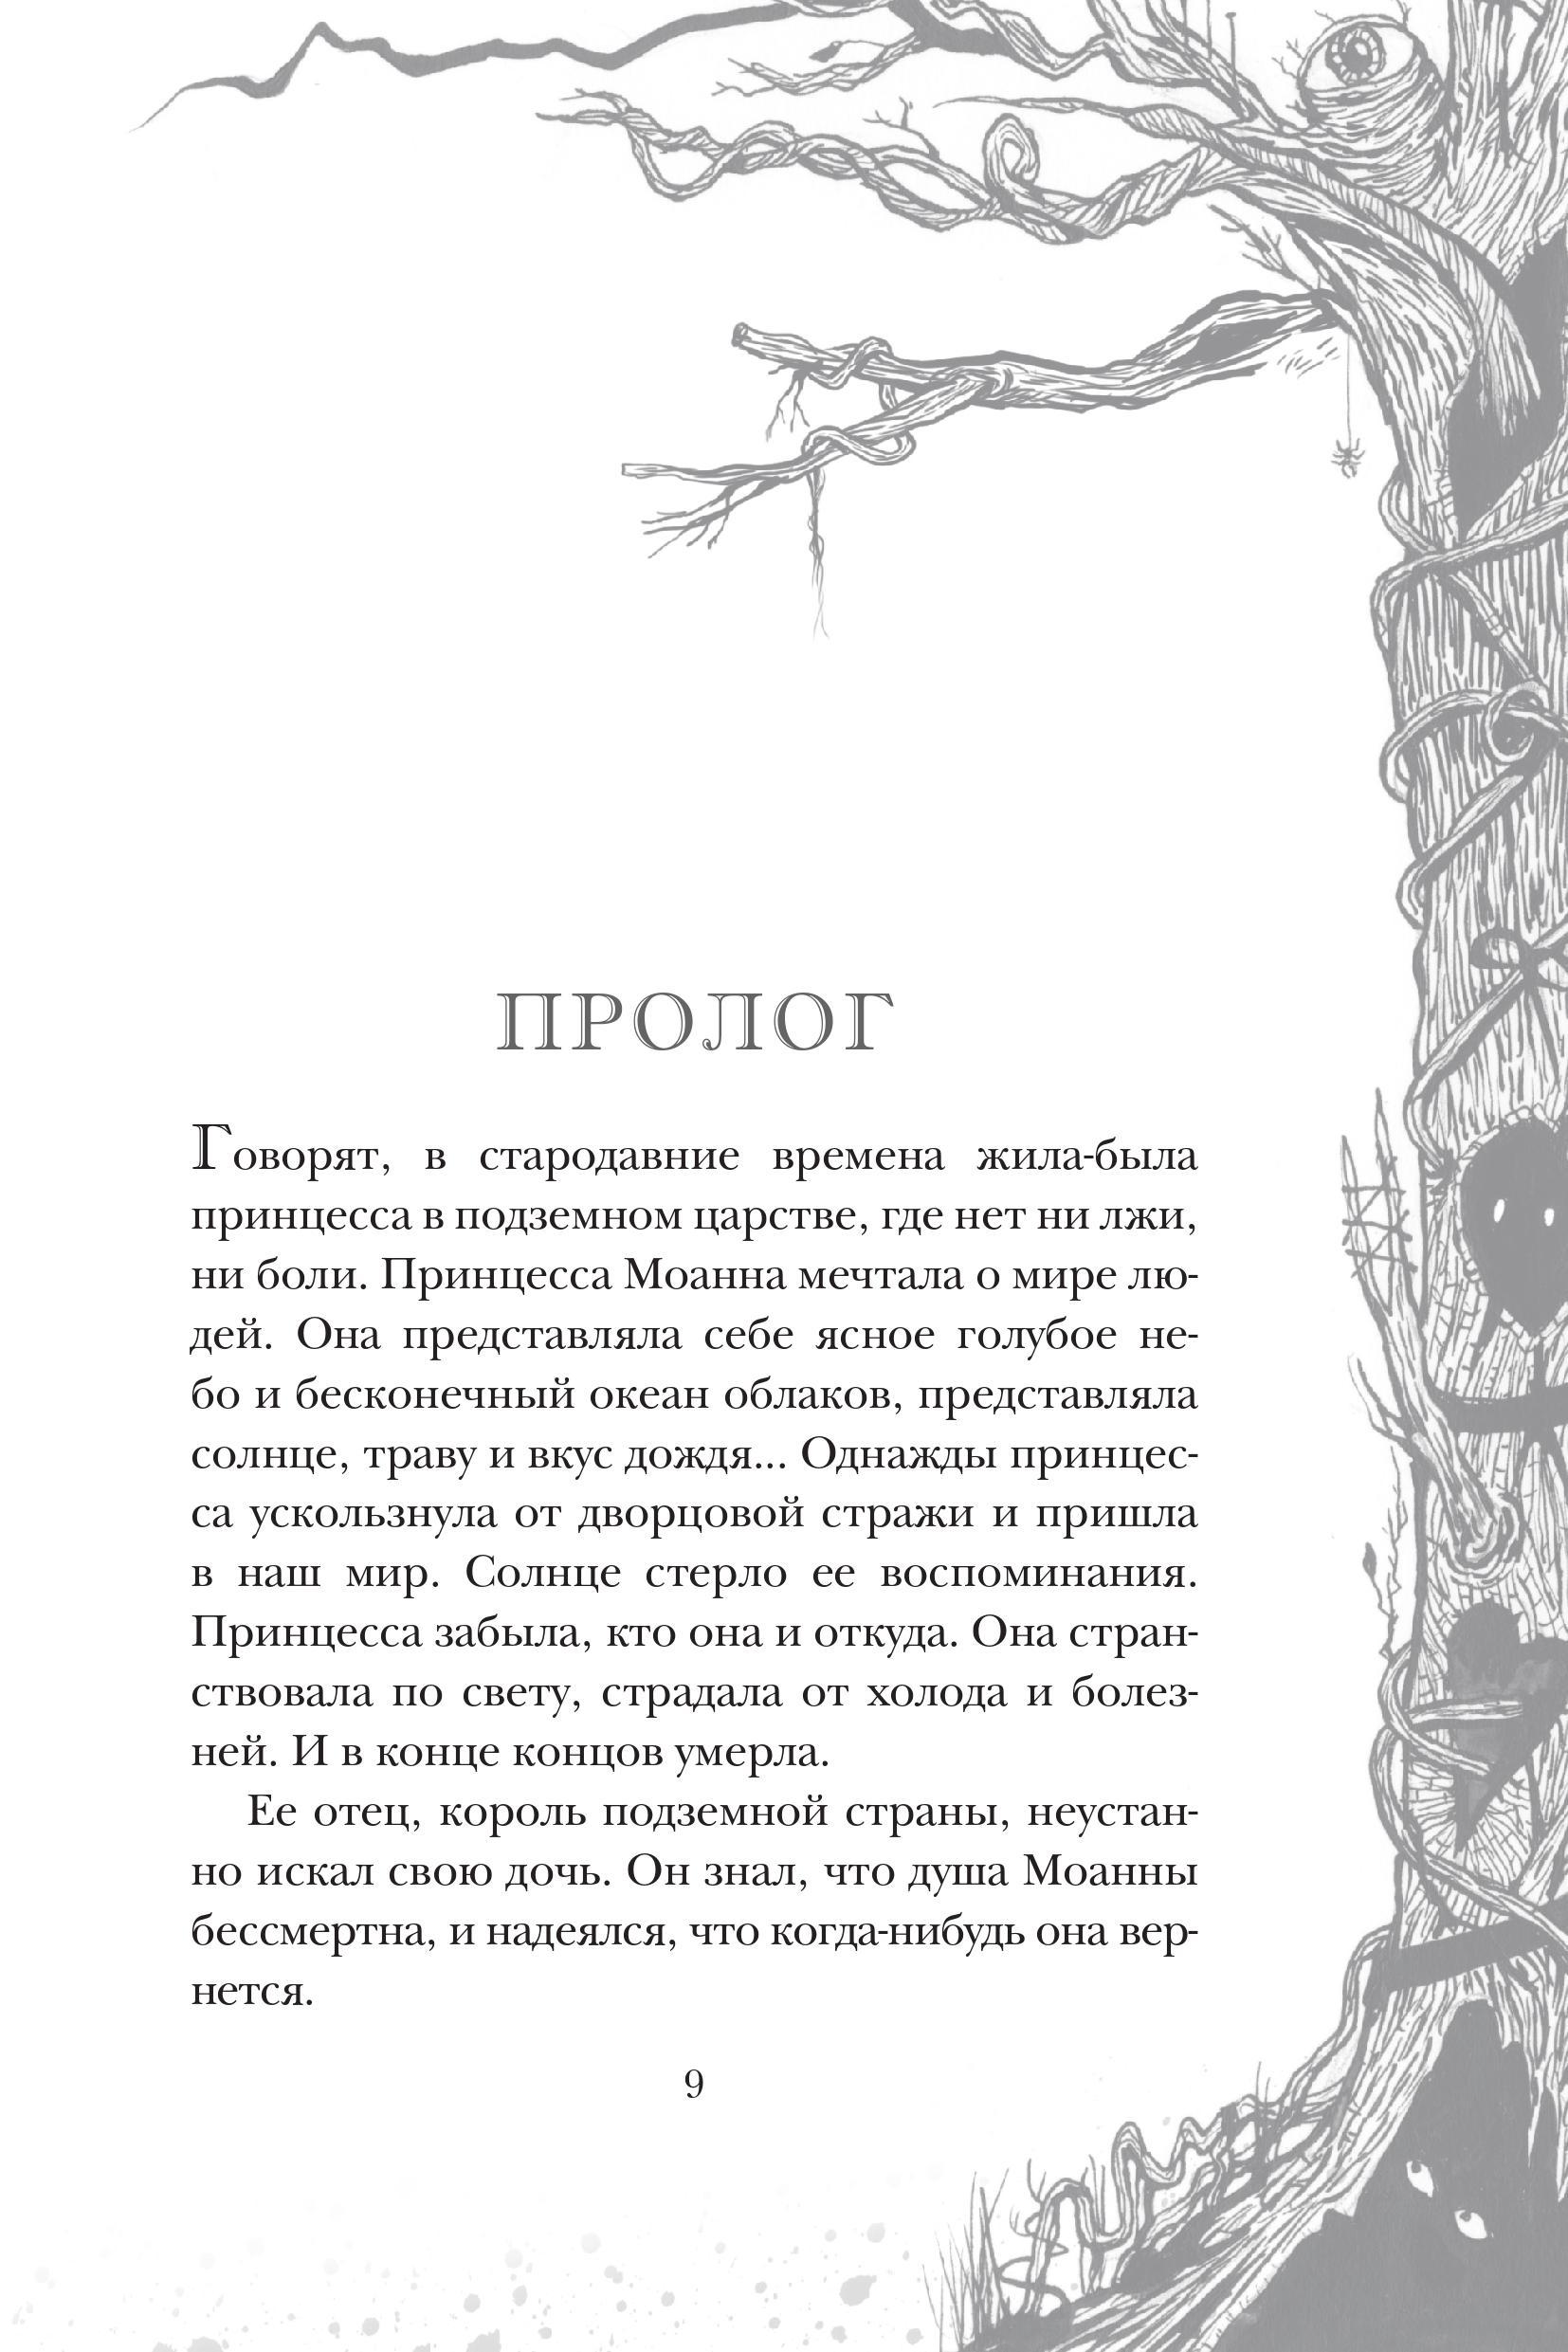 Мрачная сказка: отрывок из книги Гильермо Дель Торо и Корнелии Функе «Лабиринт Фавна» 1